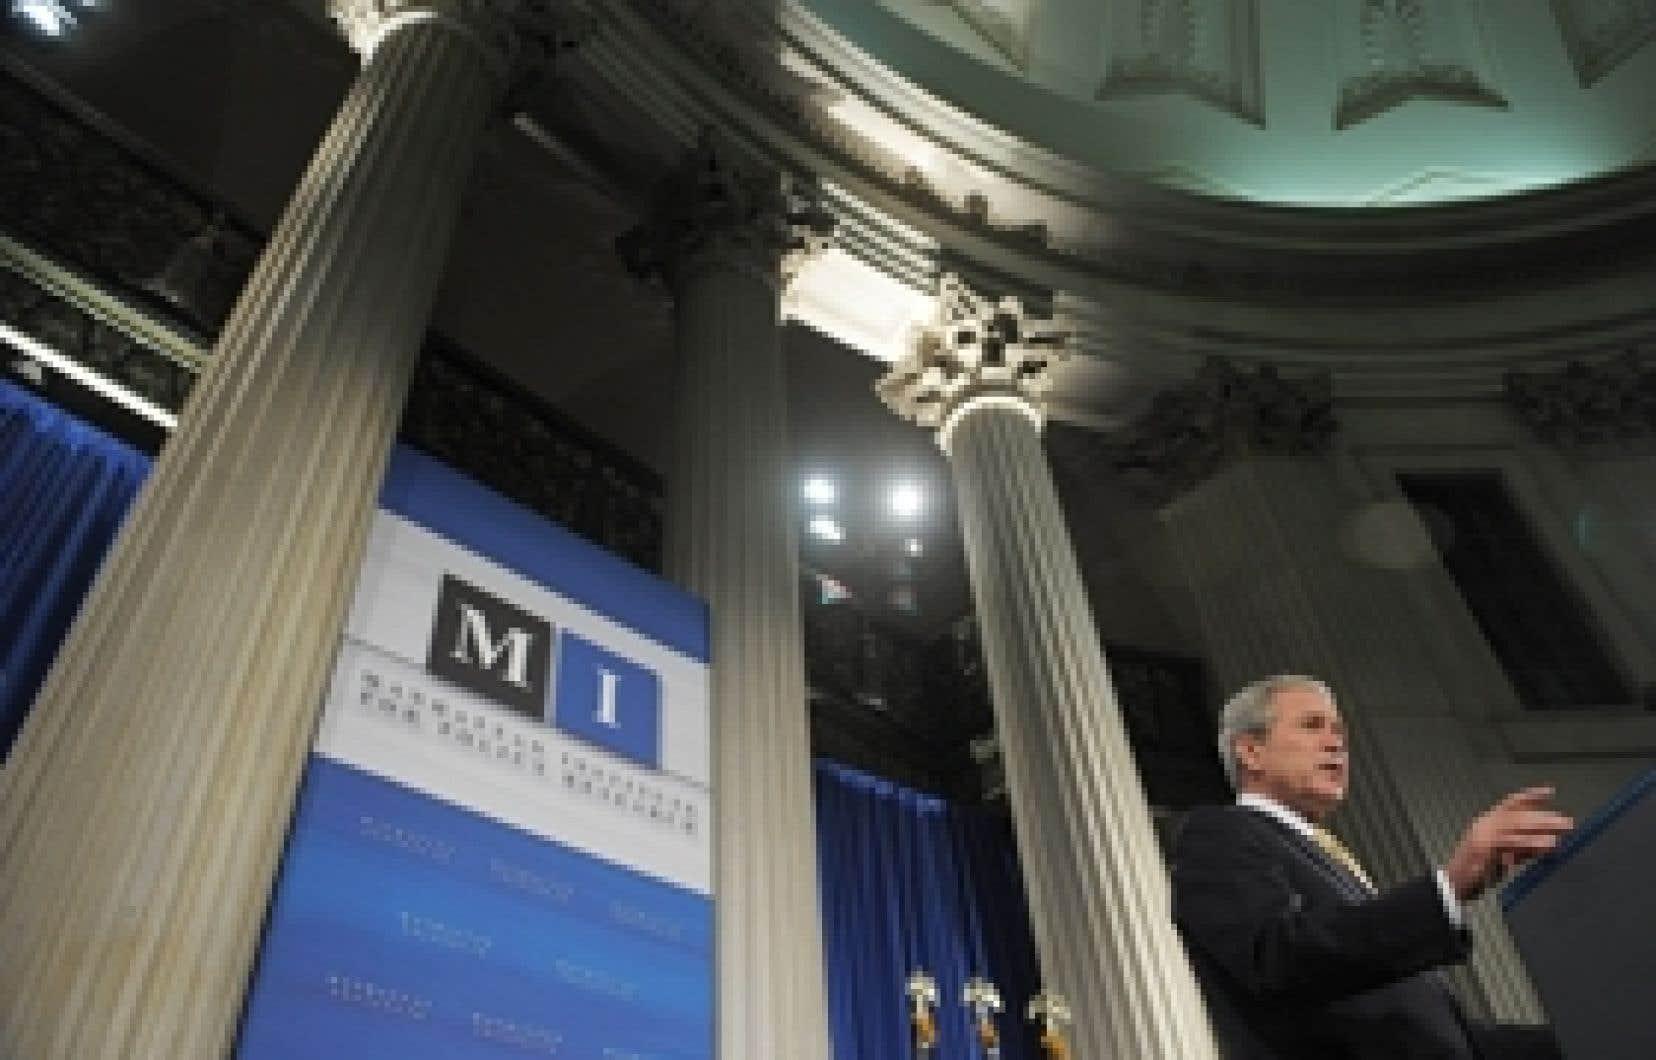 Le président Bush a profité de son discours à New York pour refuser que les États-Unis supportent toute la responsabilité de la crise, relevant que de nombreux pays européens, avec des réglementations plus étendues, avaient eu les mêmes problèm